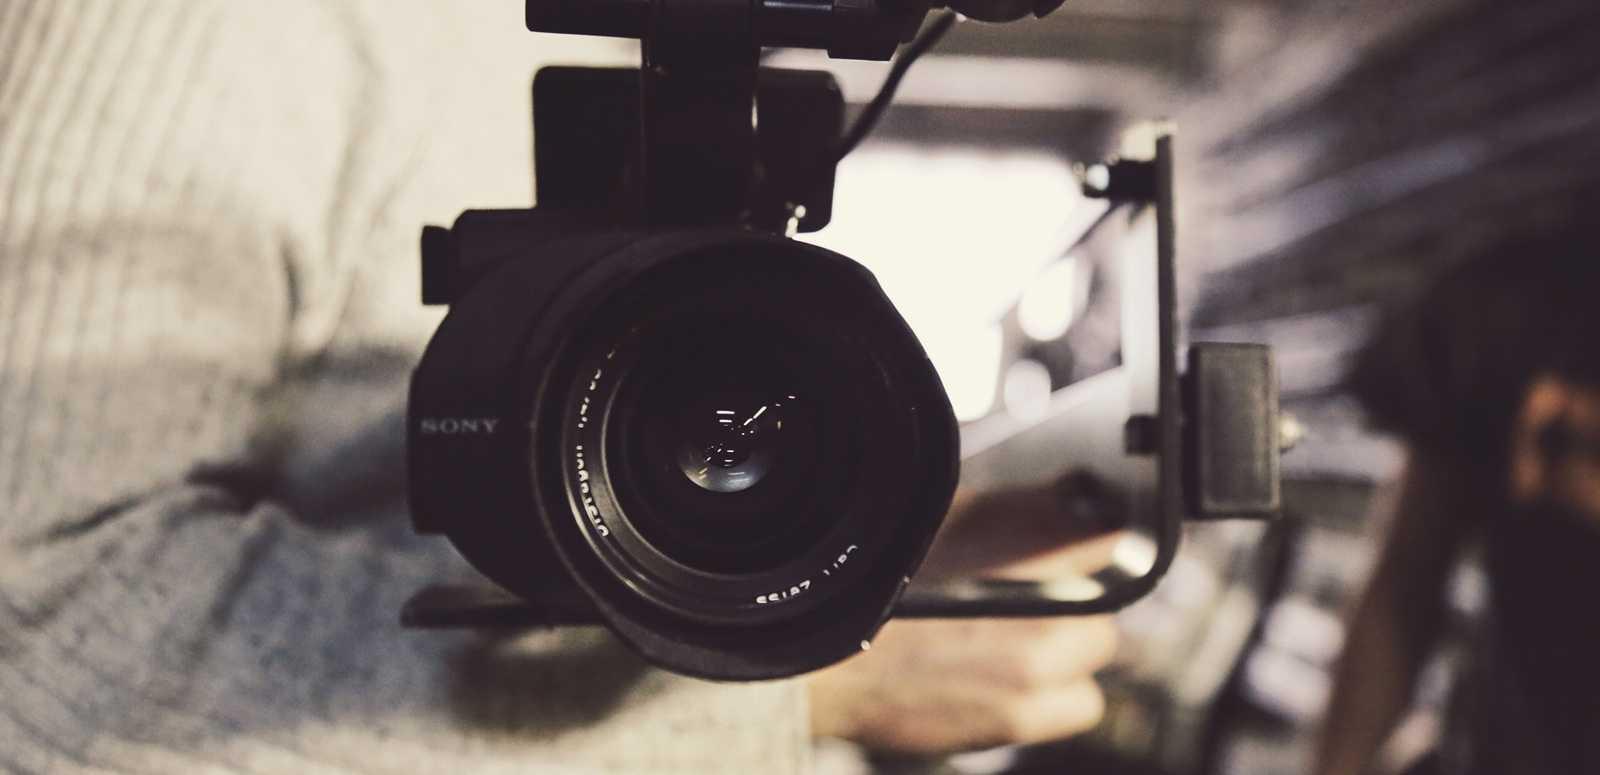 PERIODISMO:  EL TRABAJO EN UNA REDACCIÓN DE TV